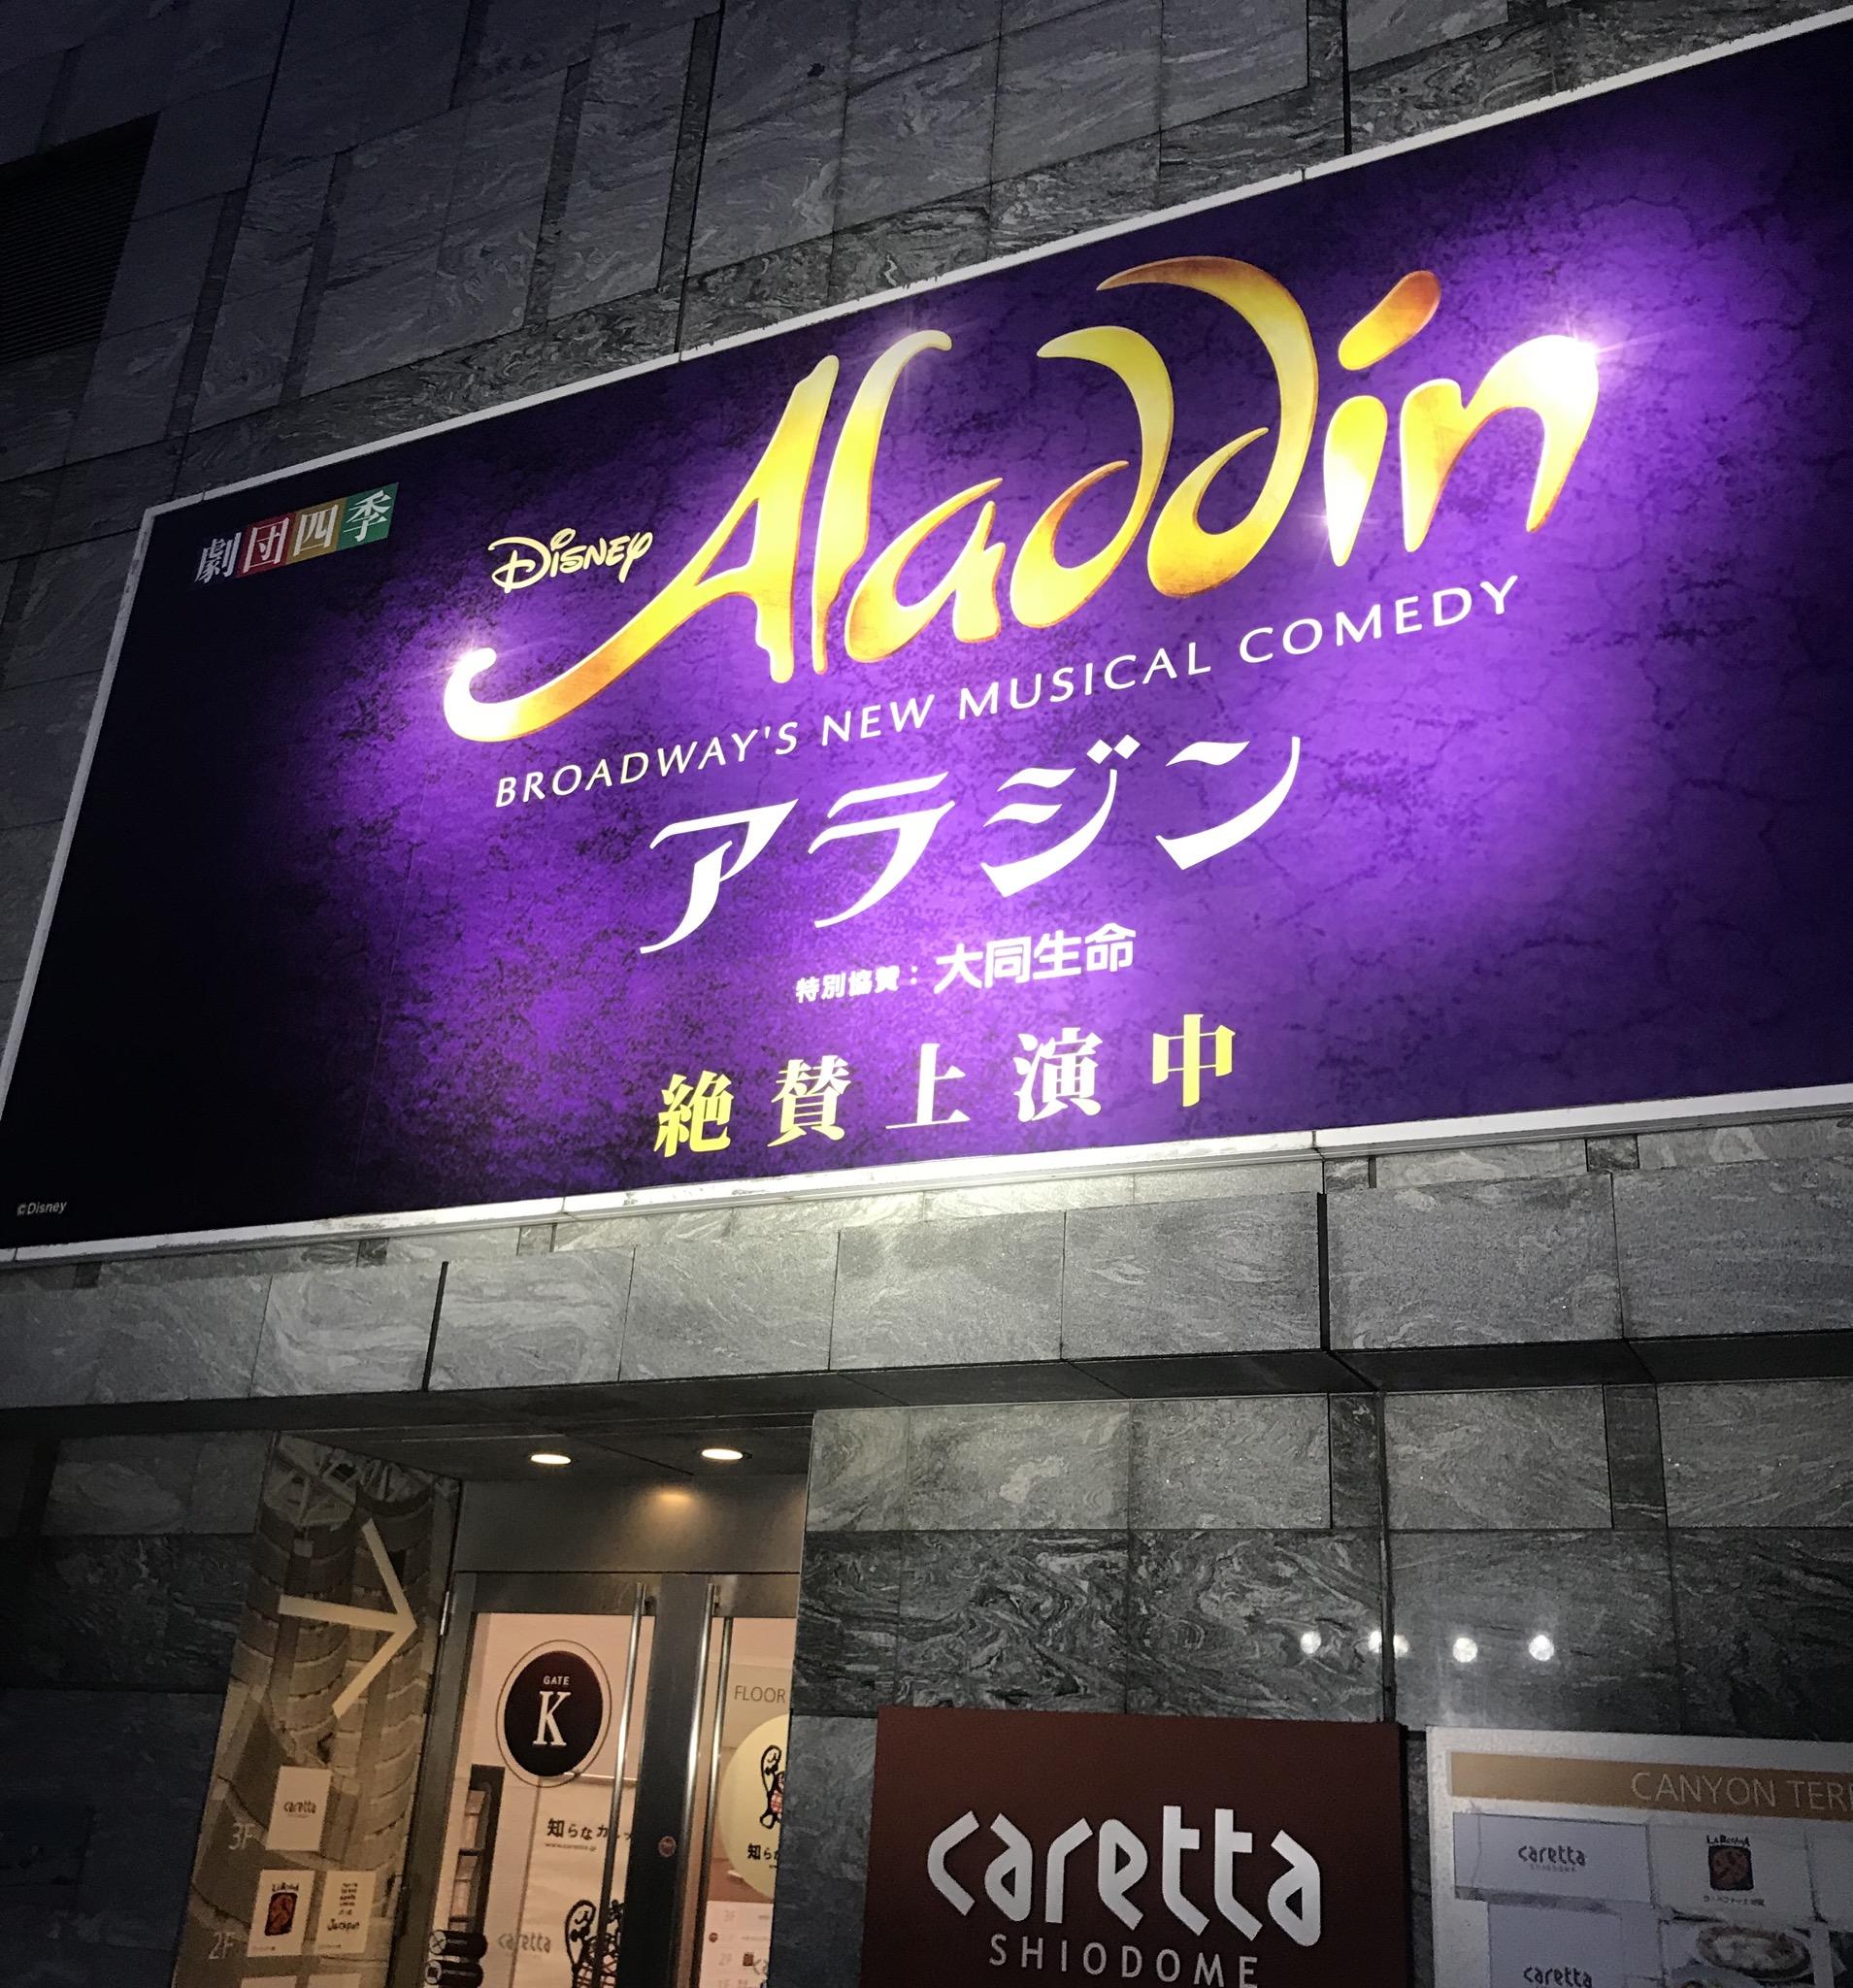 劇団四季のアラジンを観てきました